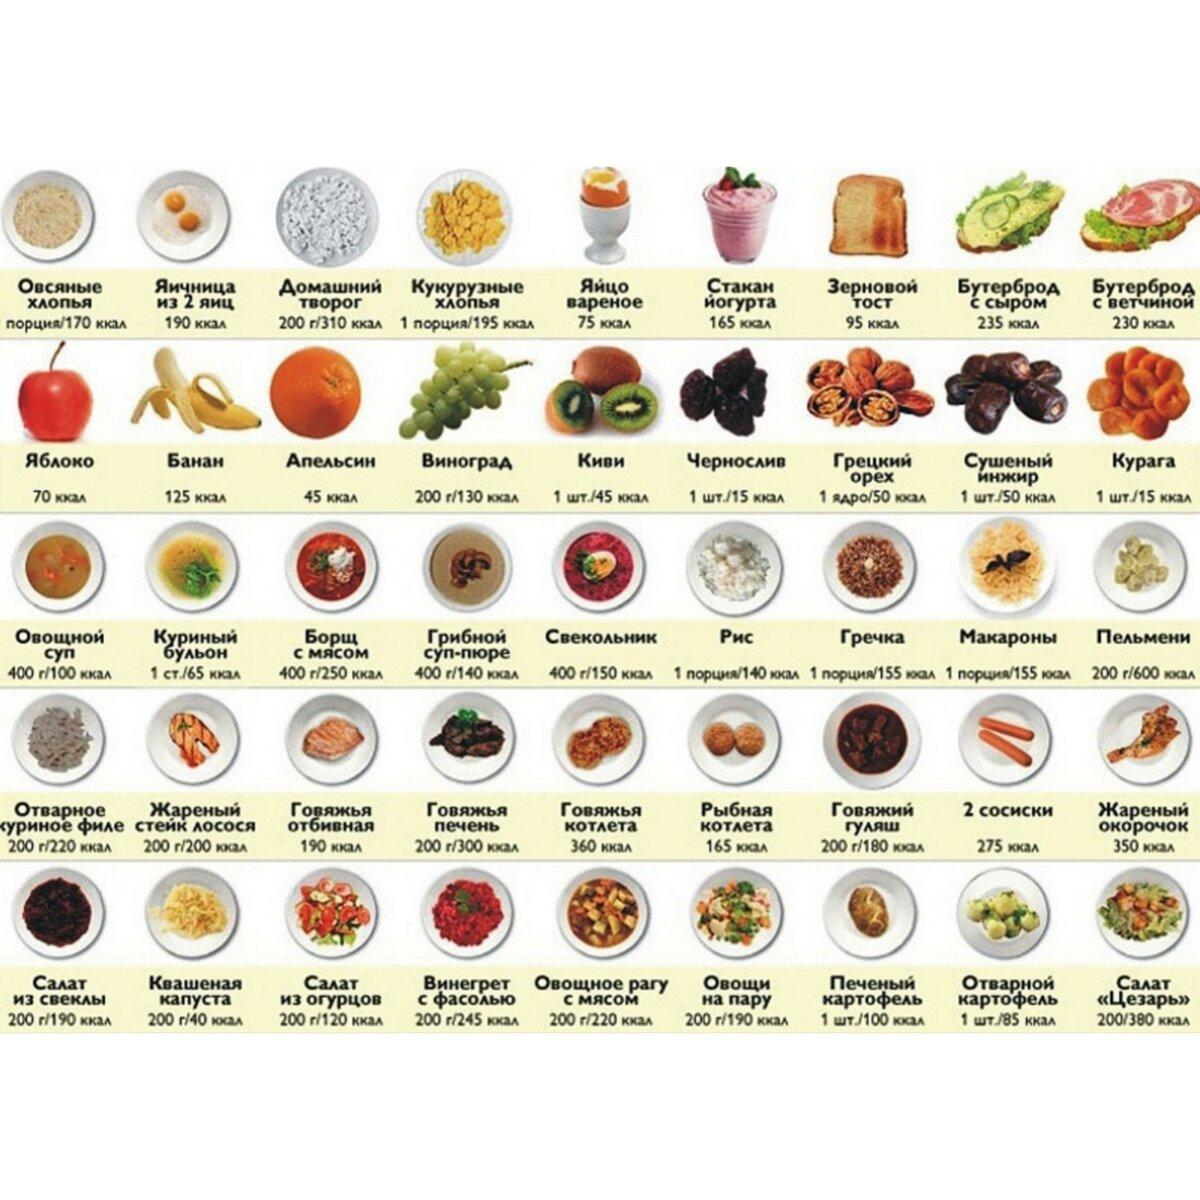 Диета по калориям